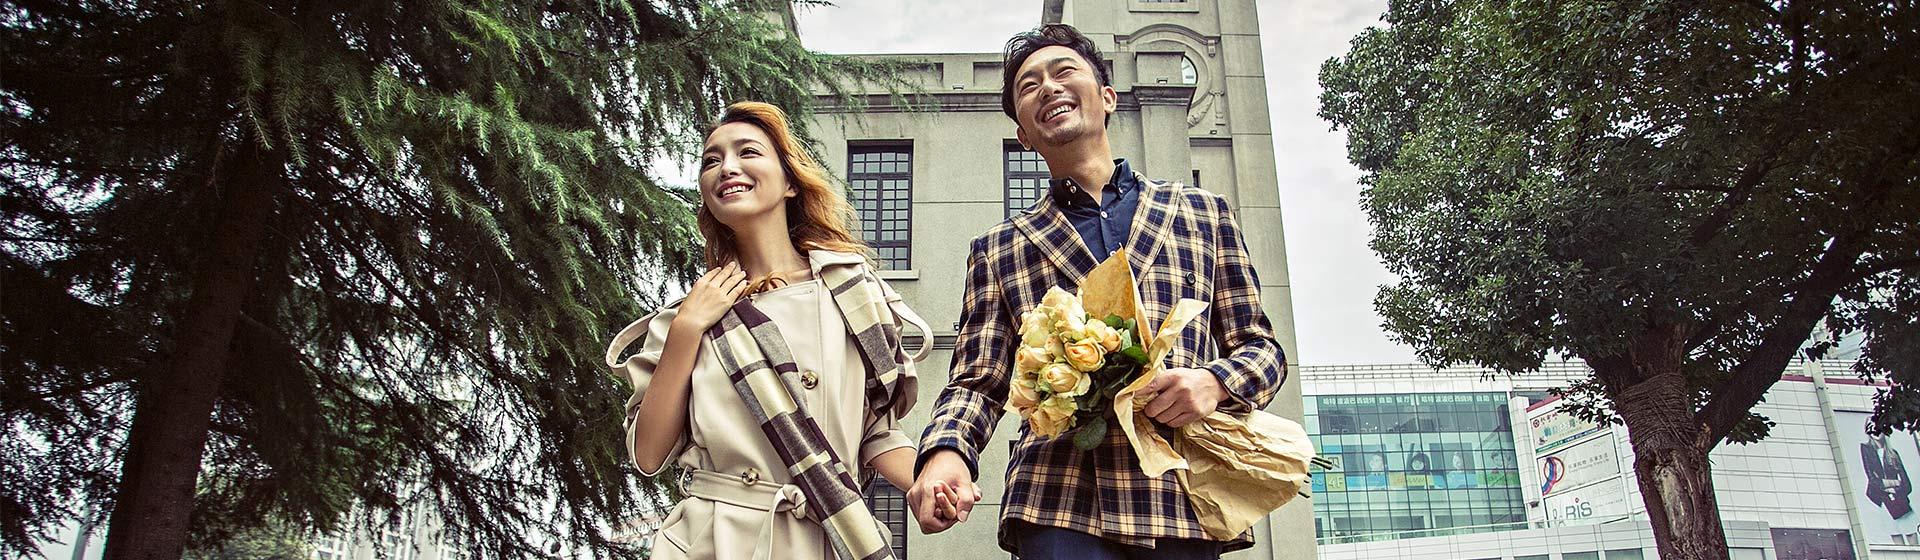 长沙婚纱照拍摄 城市旅拍